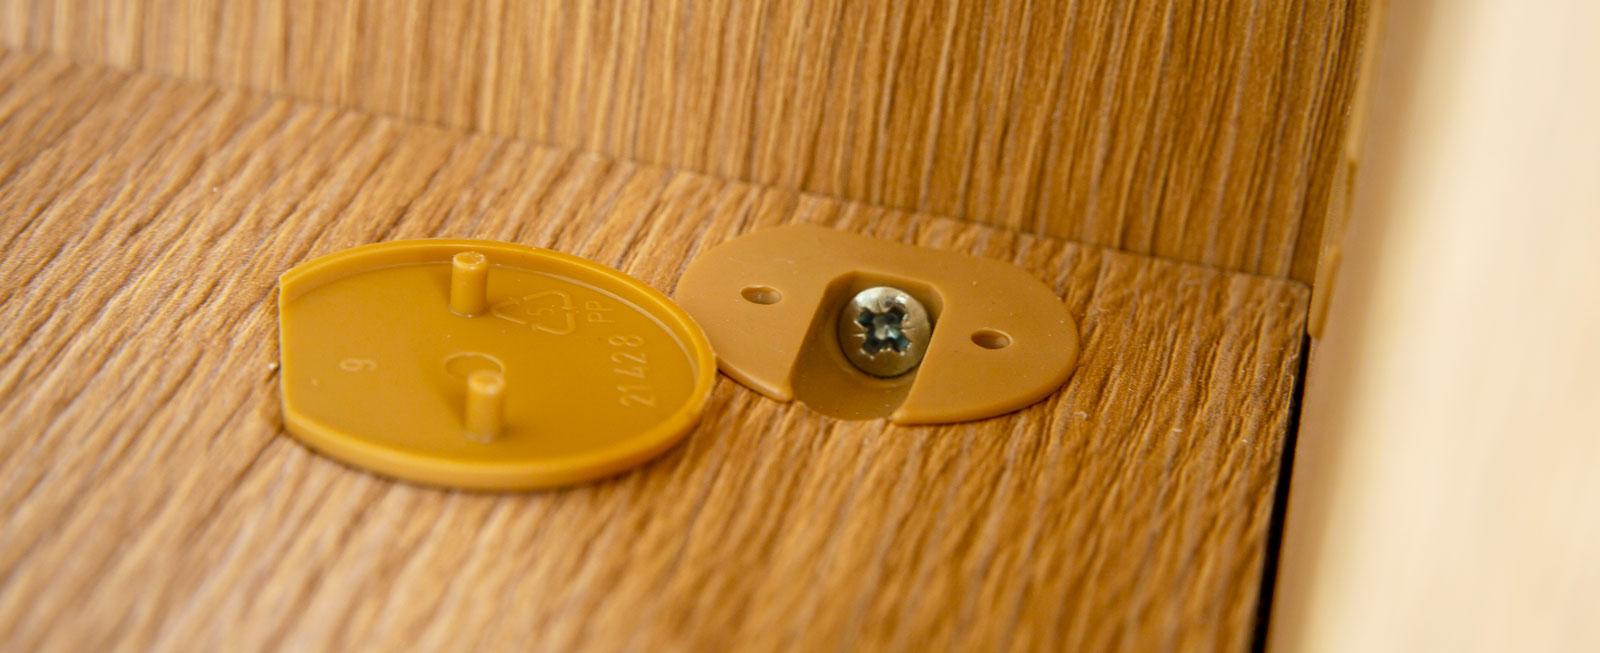 Skruvlock av plast lossnar tyvärr på löpande band.